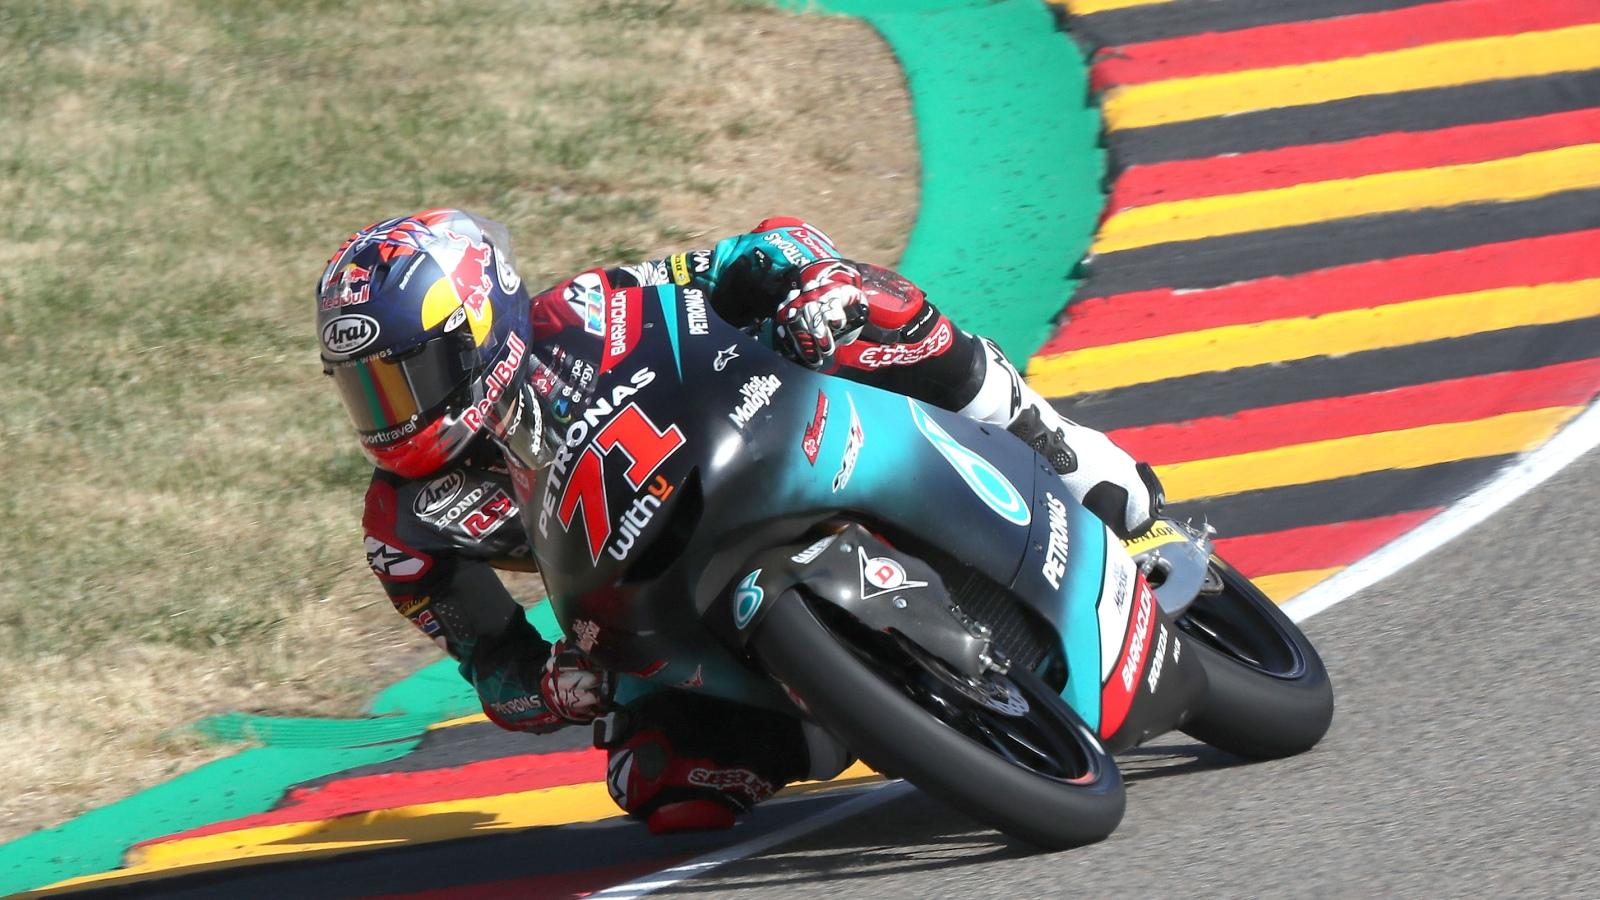 Ayumu Sasaki hace la pole de Moto3 en Sachsenring con Marcos Ramírez tercero